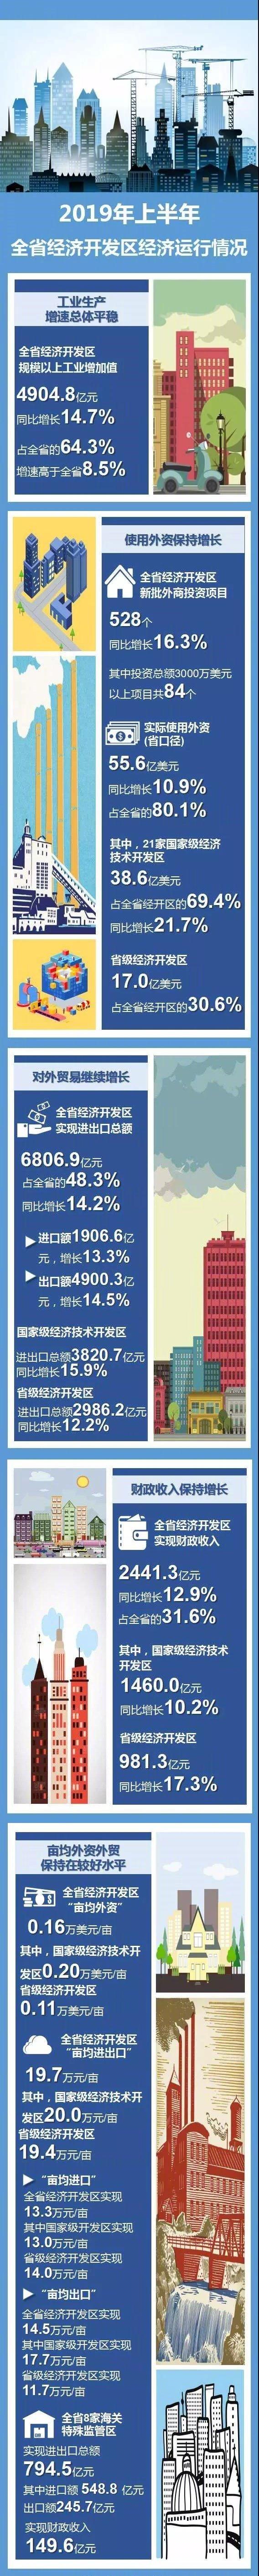 2019年上半年浙江省经济开发区经济运行情况了解一下